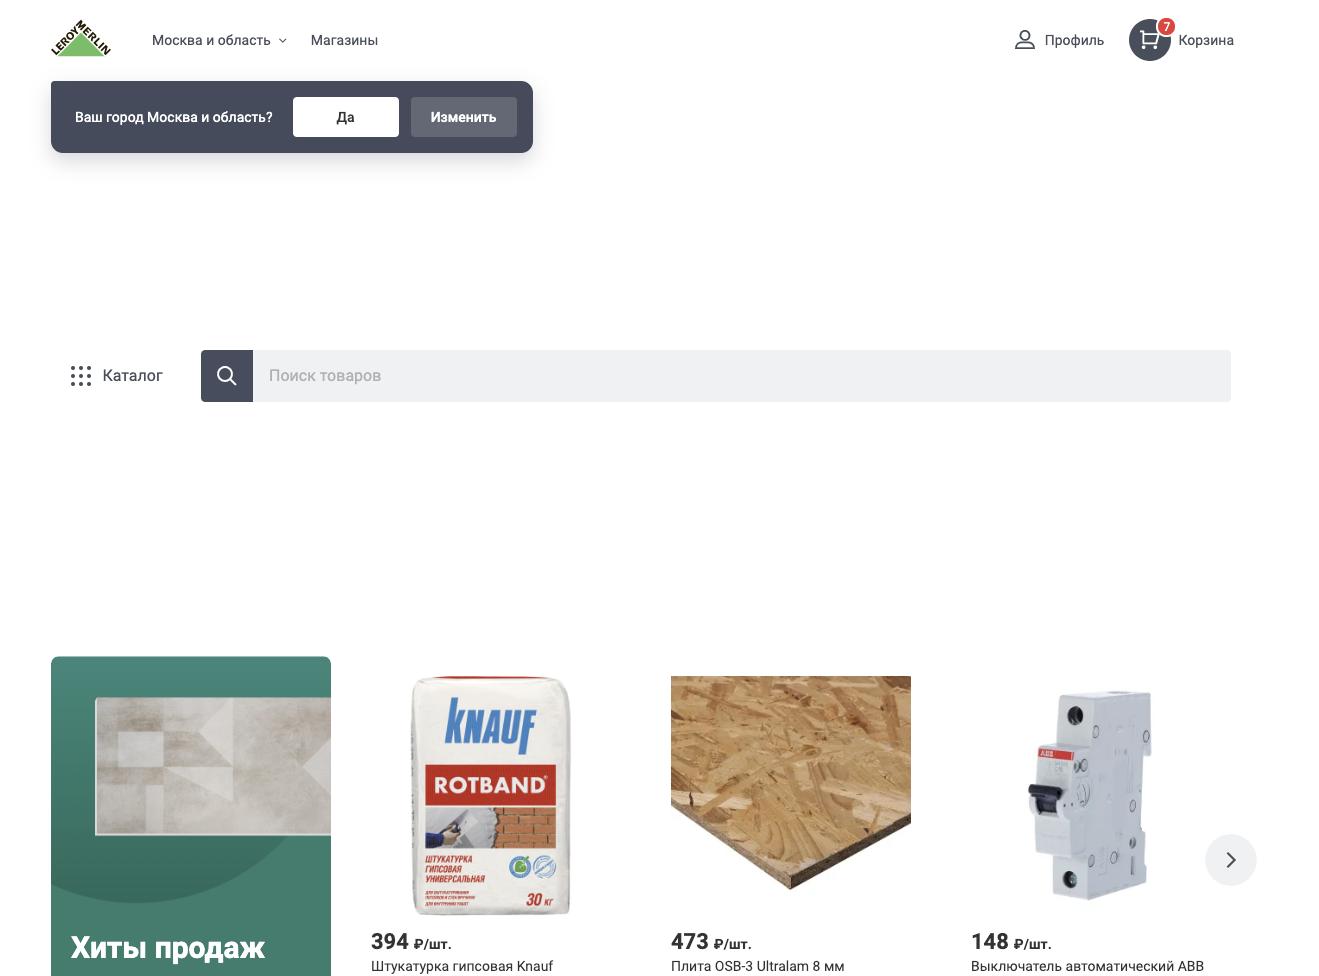 Опыт интеграции веб-компонентов на сайт Леруа Мерлен - 9